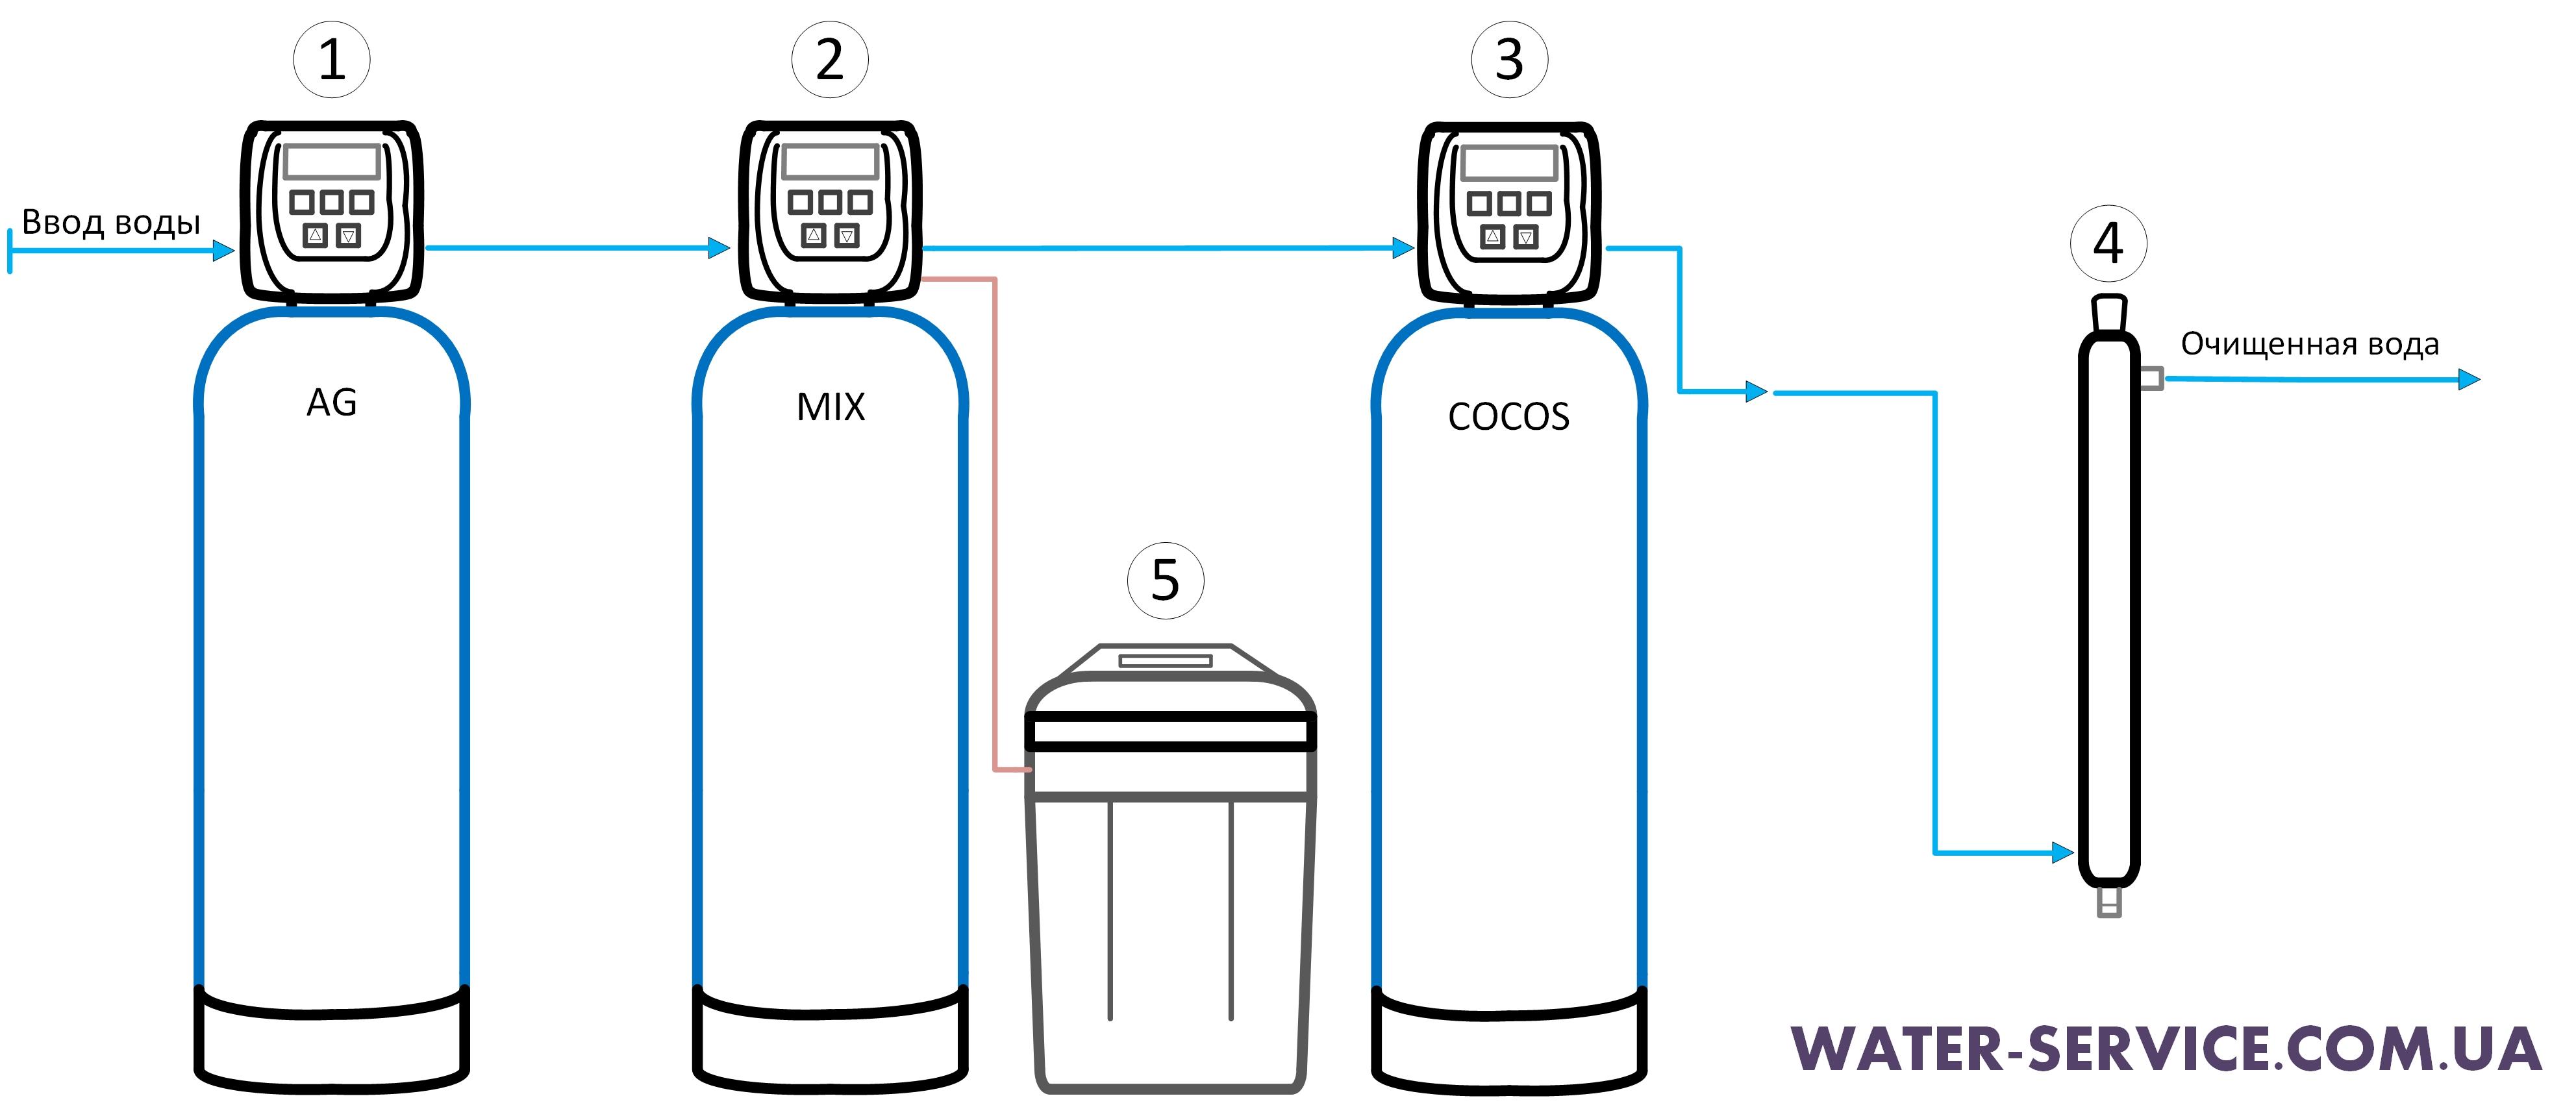 Очистка воды из скважины от сероводорода